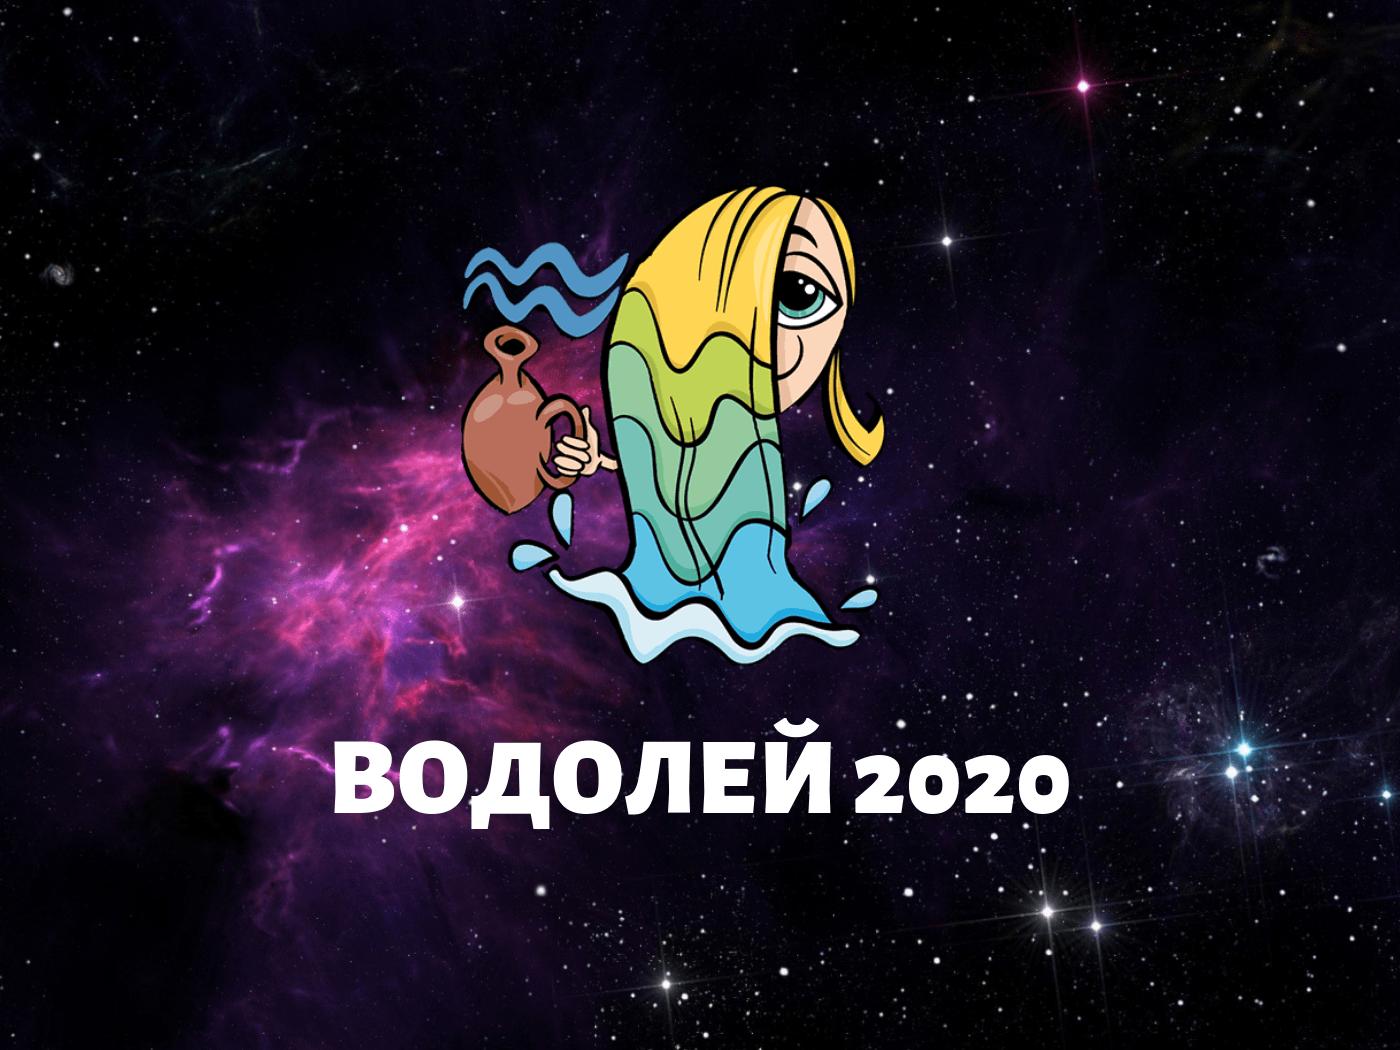 Гороскоп на 2020 год Водолей